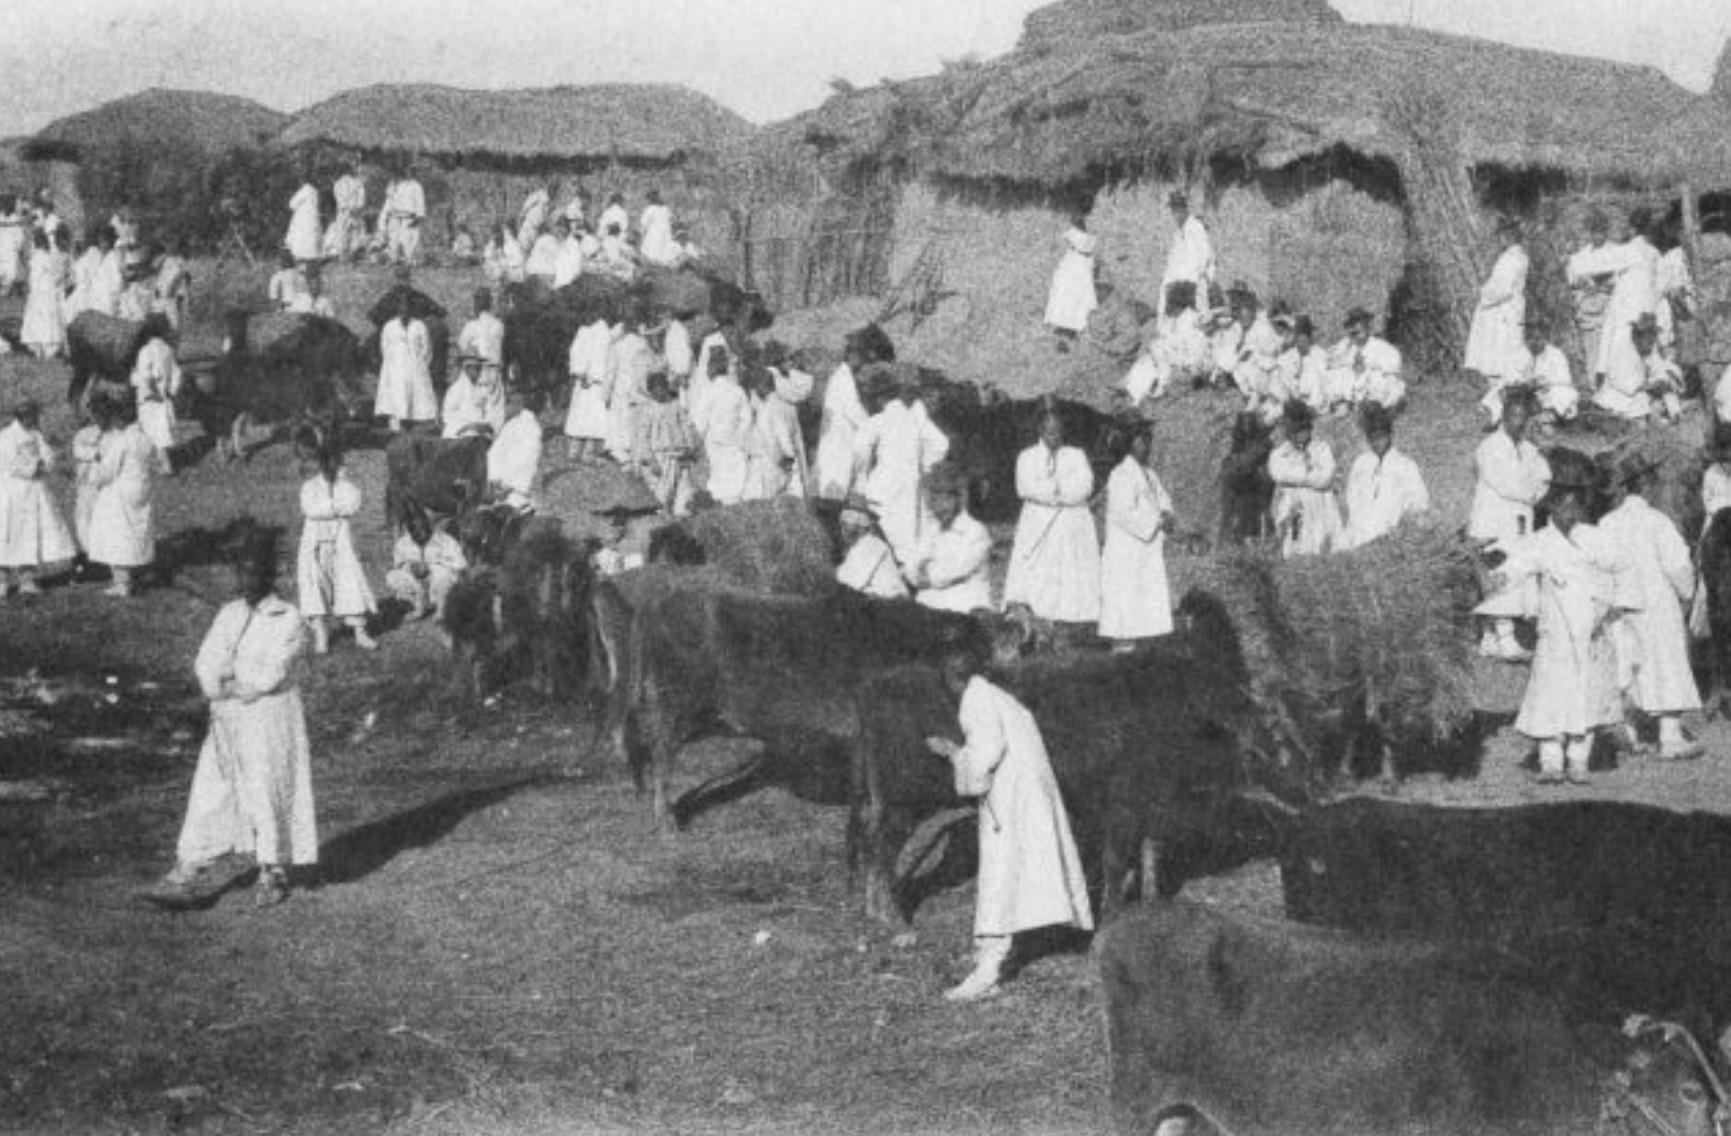 조르주 뒤크로의 책 속의 루이 마랭 사진 '1901년 한양'.jpg